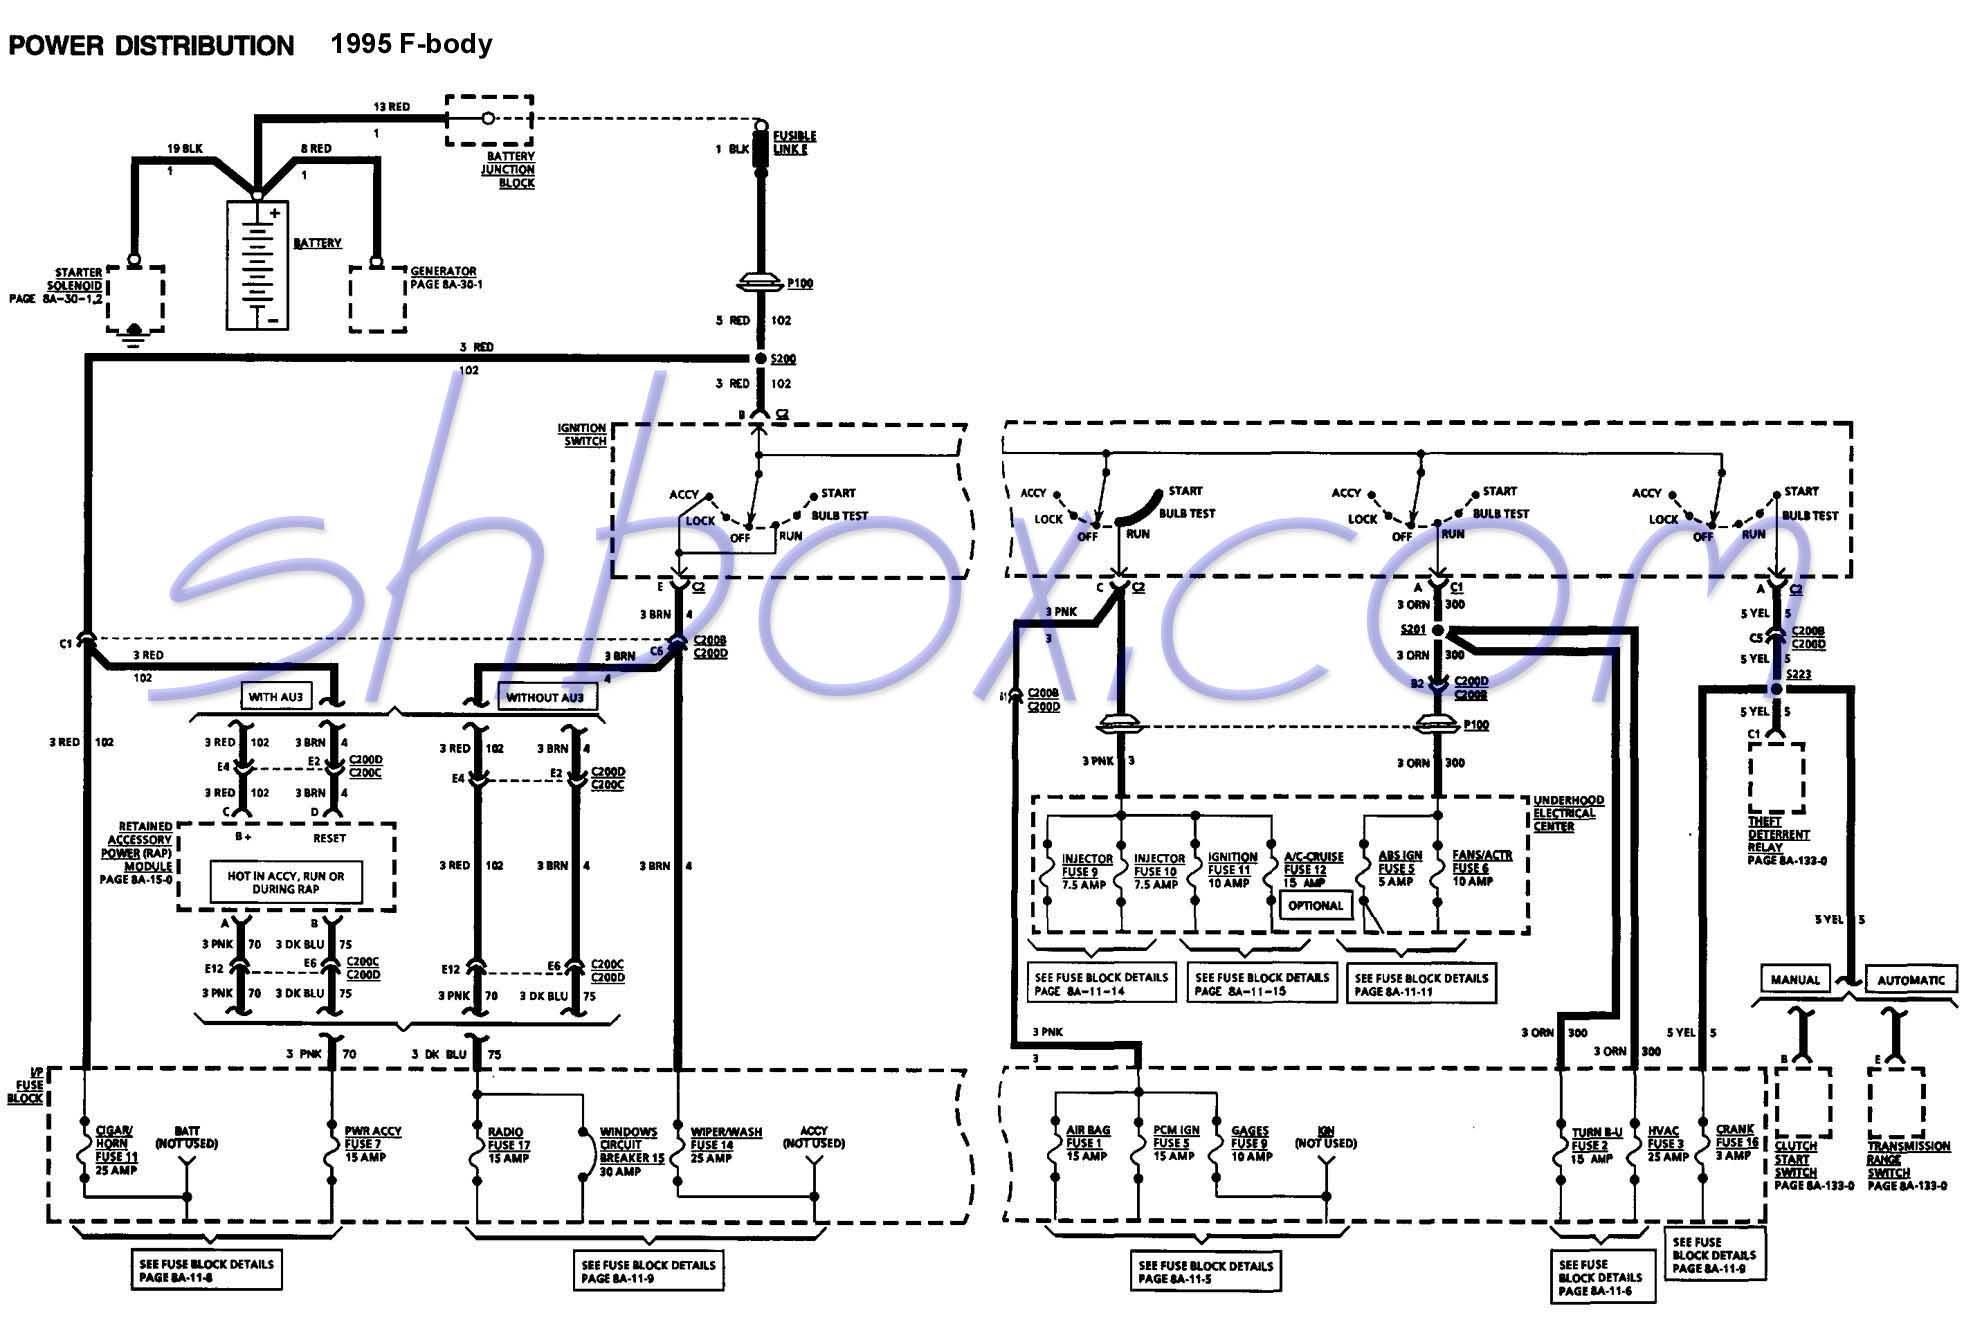 1995 Chevy Camaro Abs Wiring Diagram Wiring Diagram Range Workstation Range Workstation Pasticceriagele It